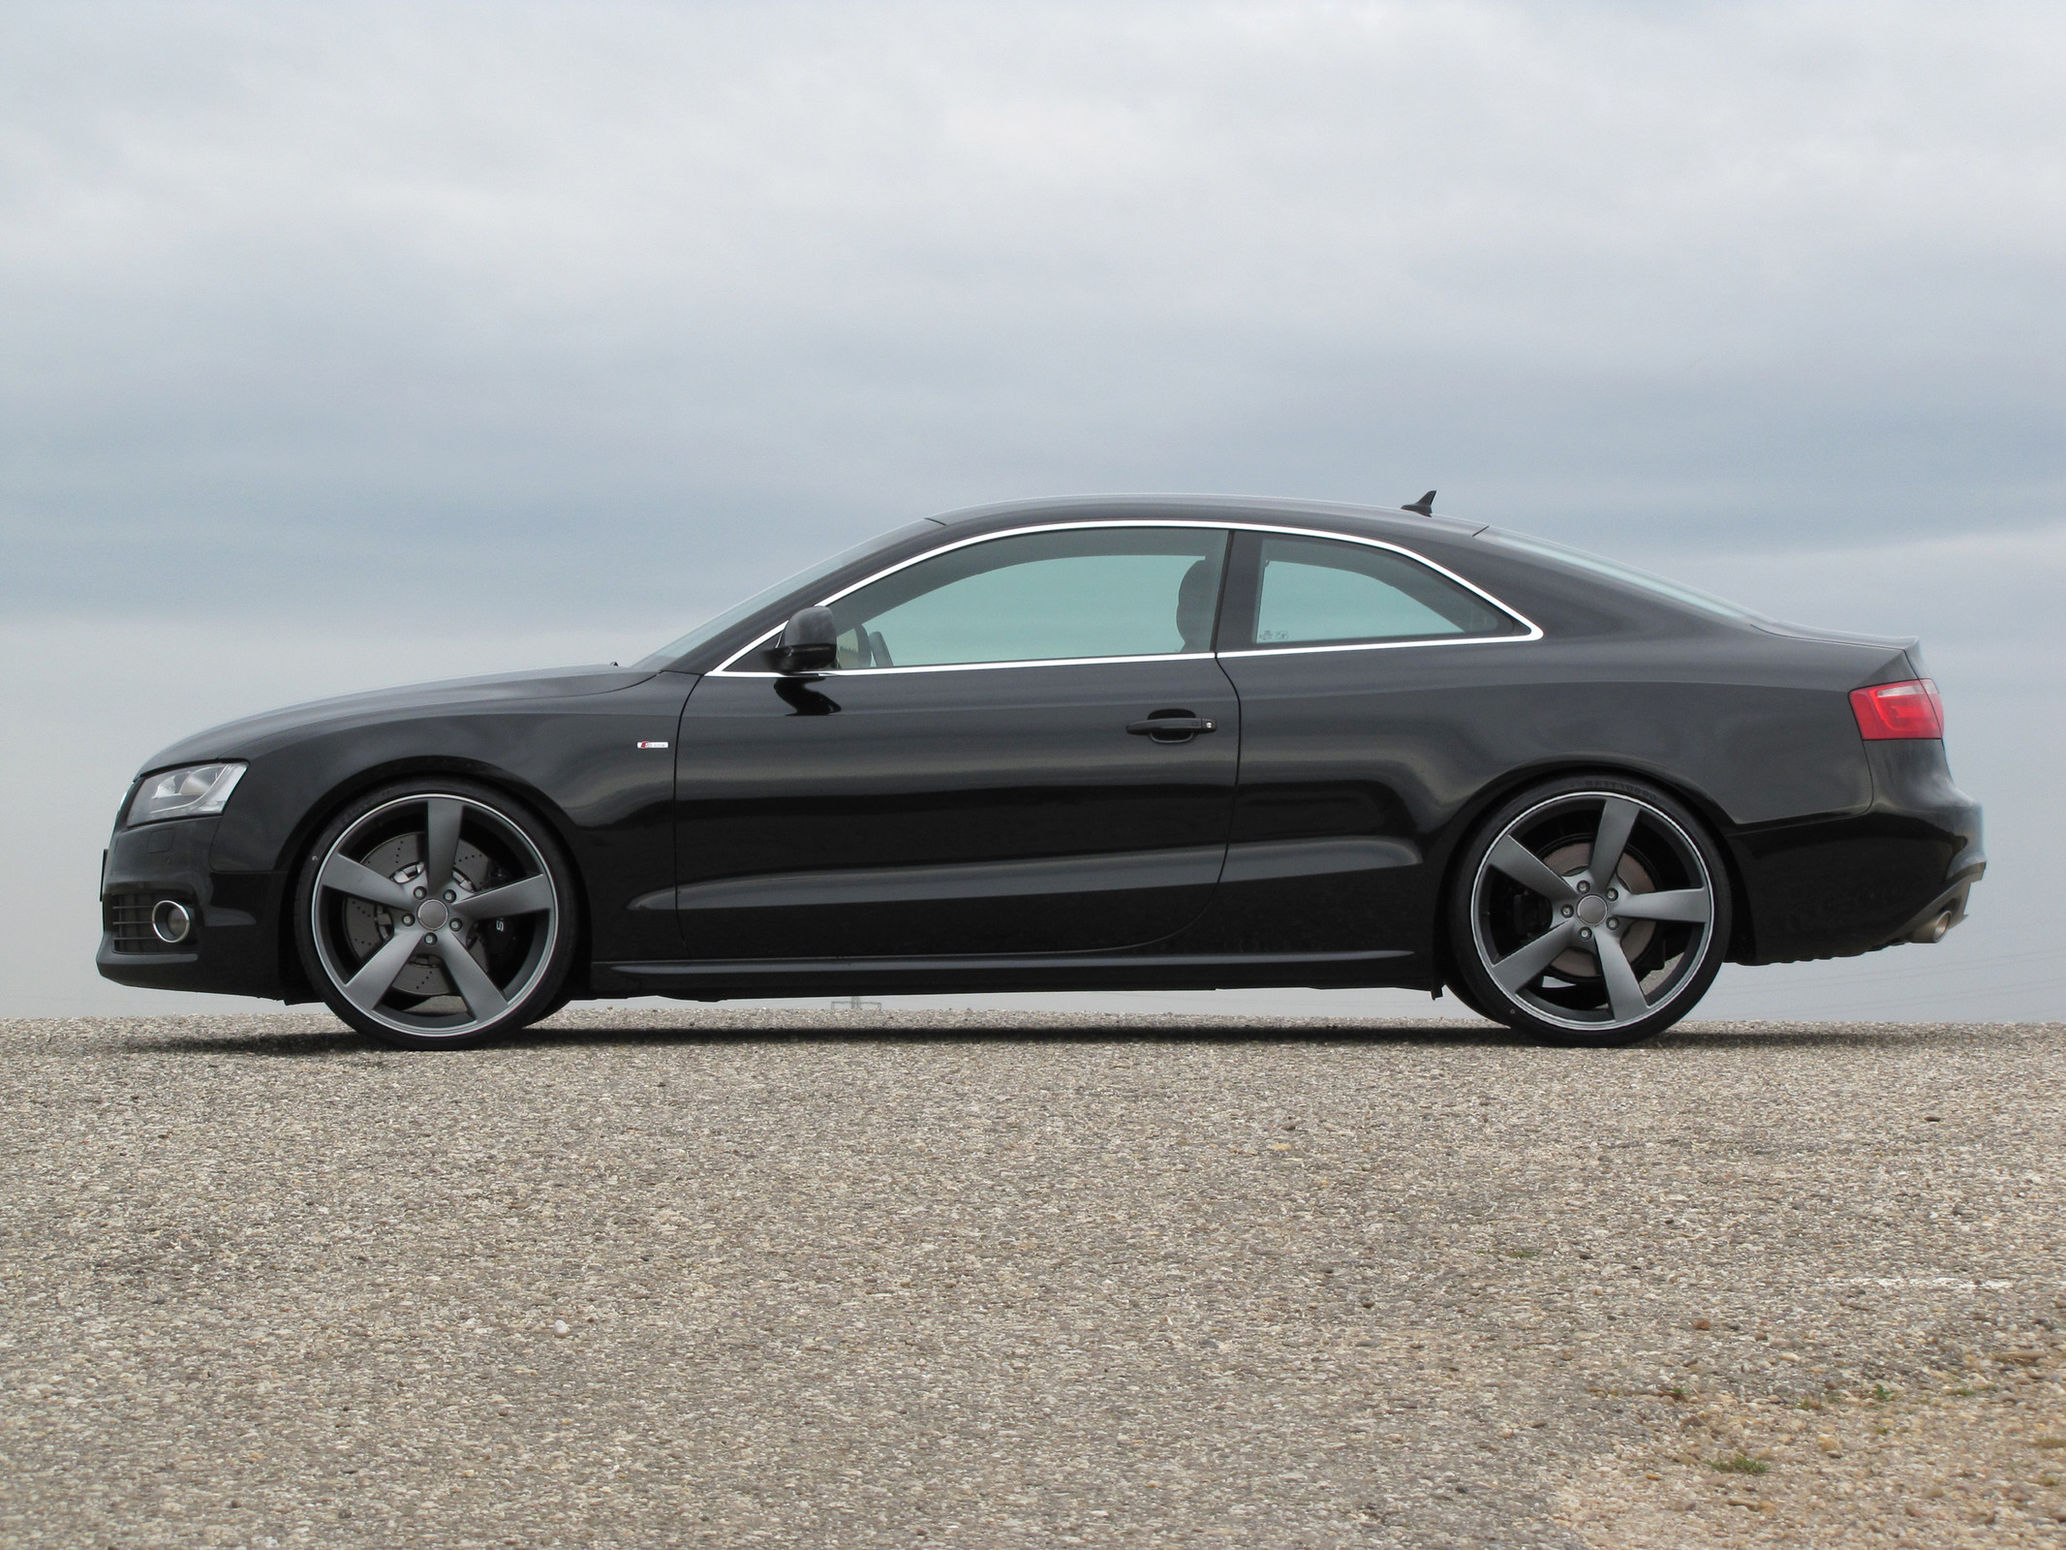 News Alufelgen Audi A5 S5 Rs5 Mit 20zoll Alufelgen